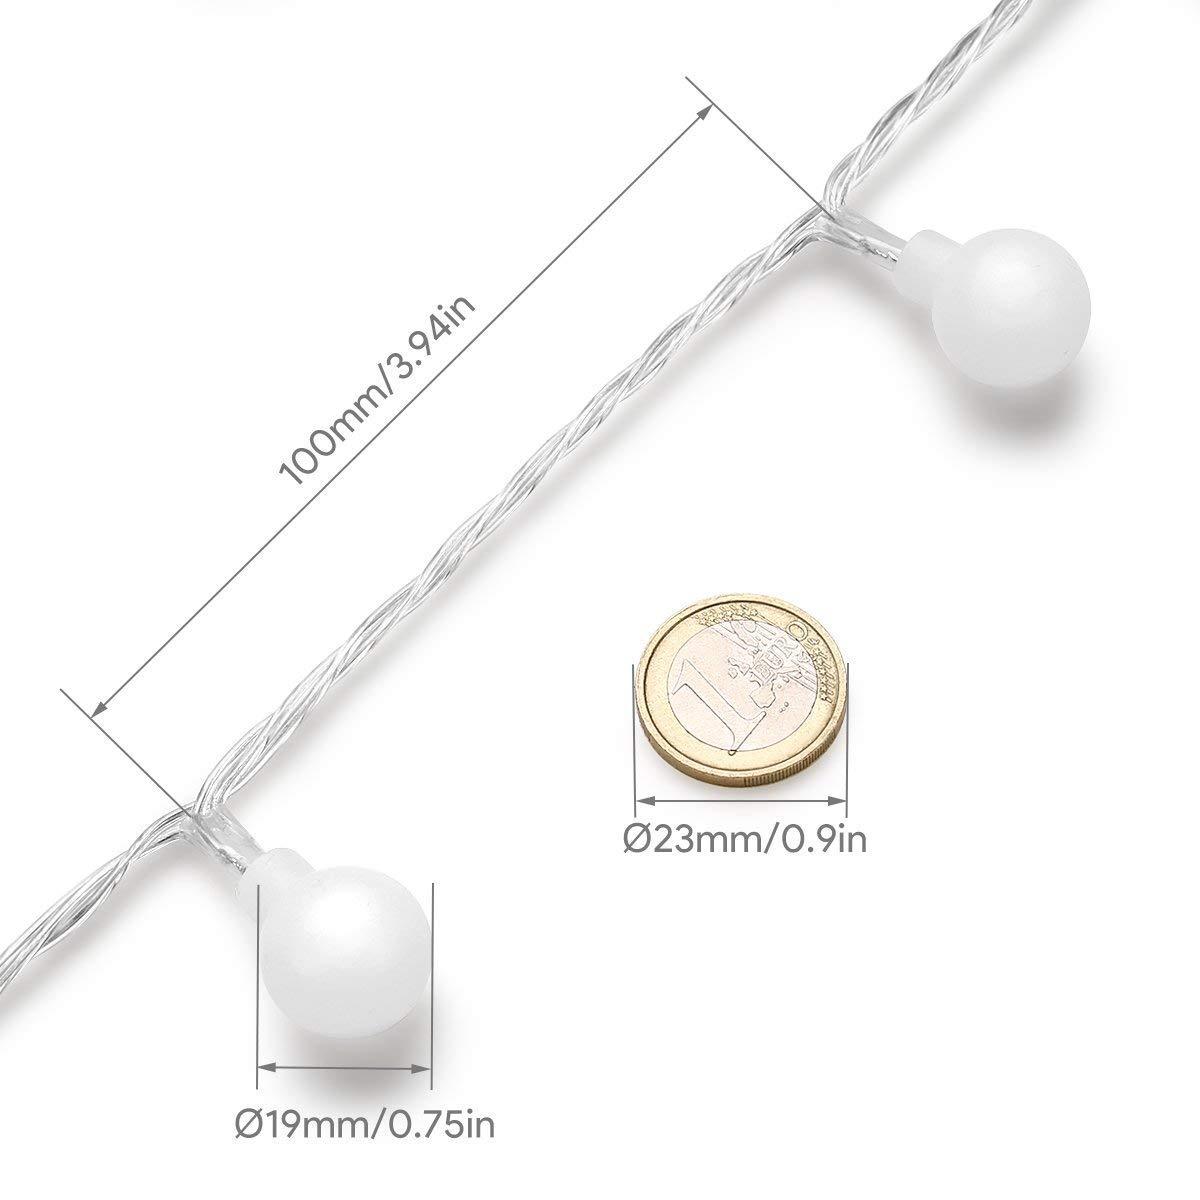 LE 50er LED Kugel Lichterkette 5m Farbig Lichterketten IP44 wassergeschützt batteriebetrieben Fernbedienung Zeitschaltuhr Merkfunktion